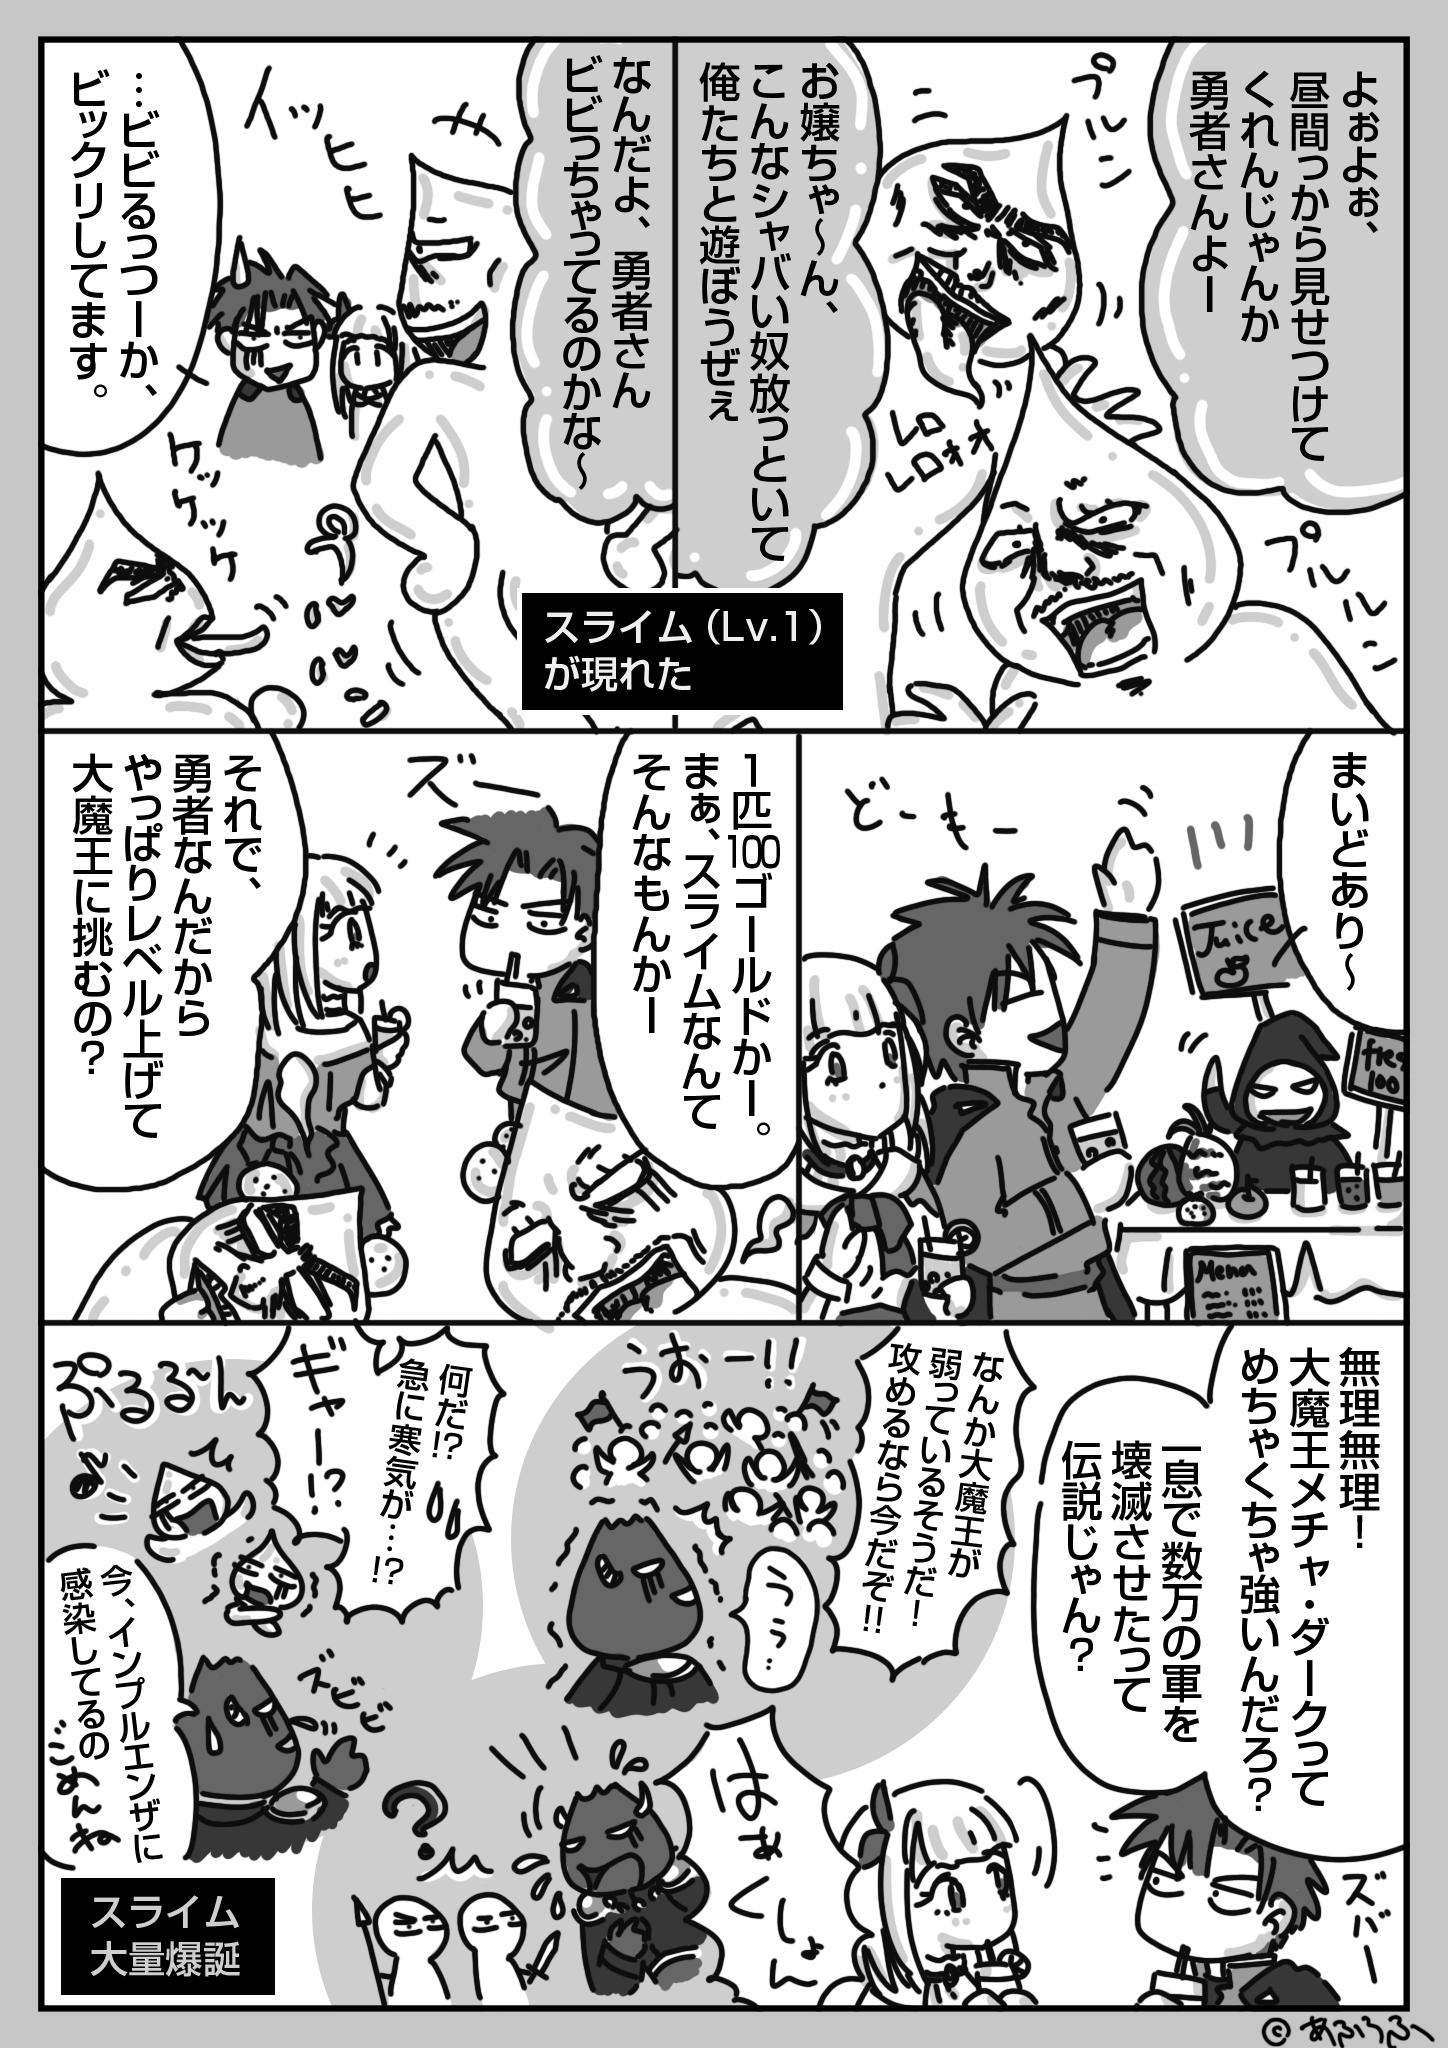 5話『大魔王城ツアーバスと暗黒タイツ軍団』(1)